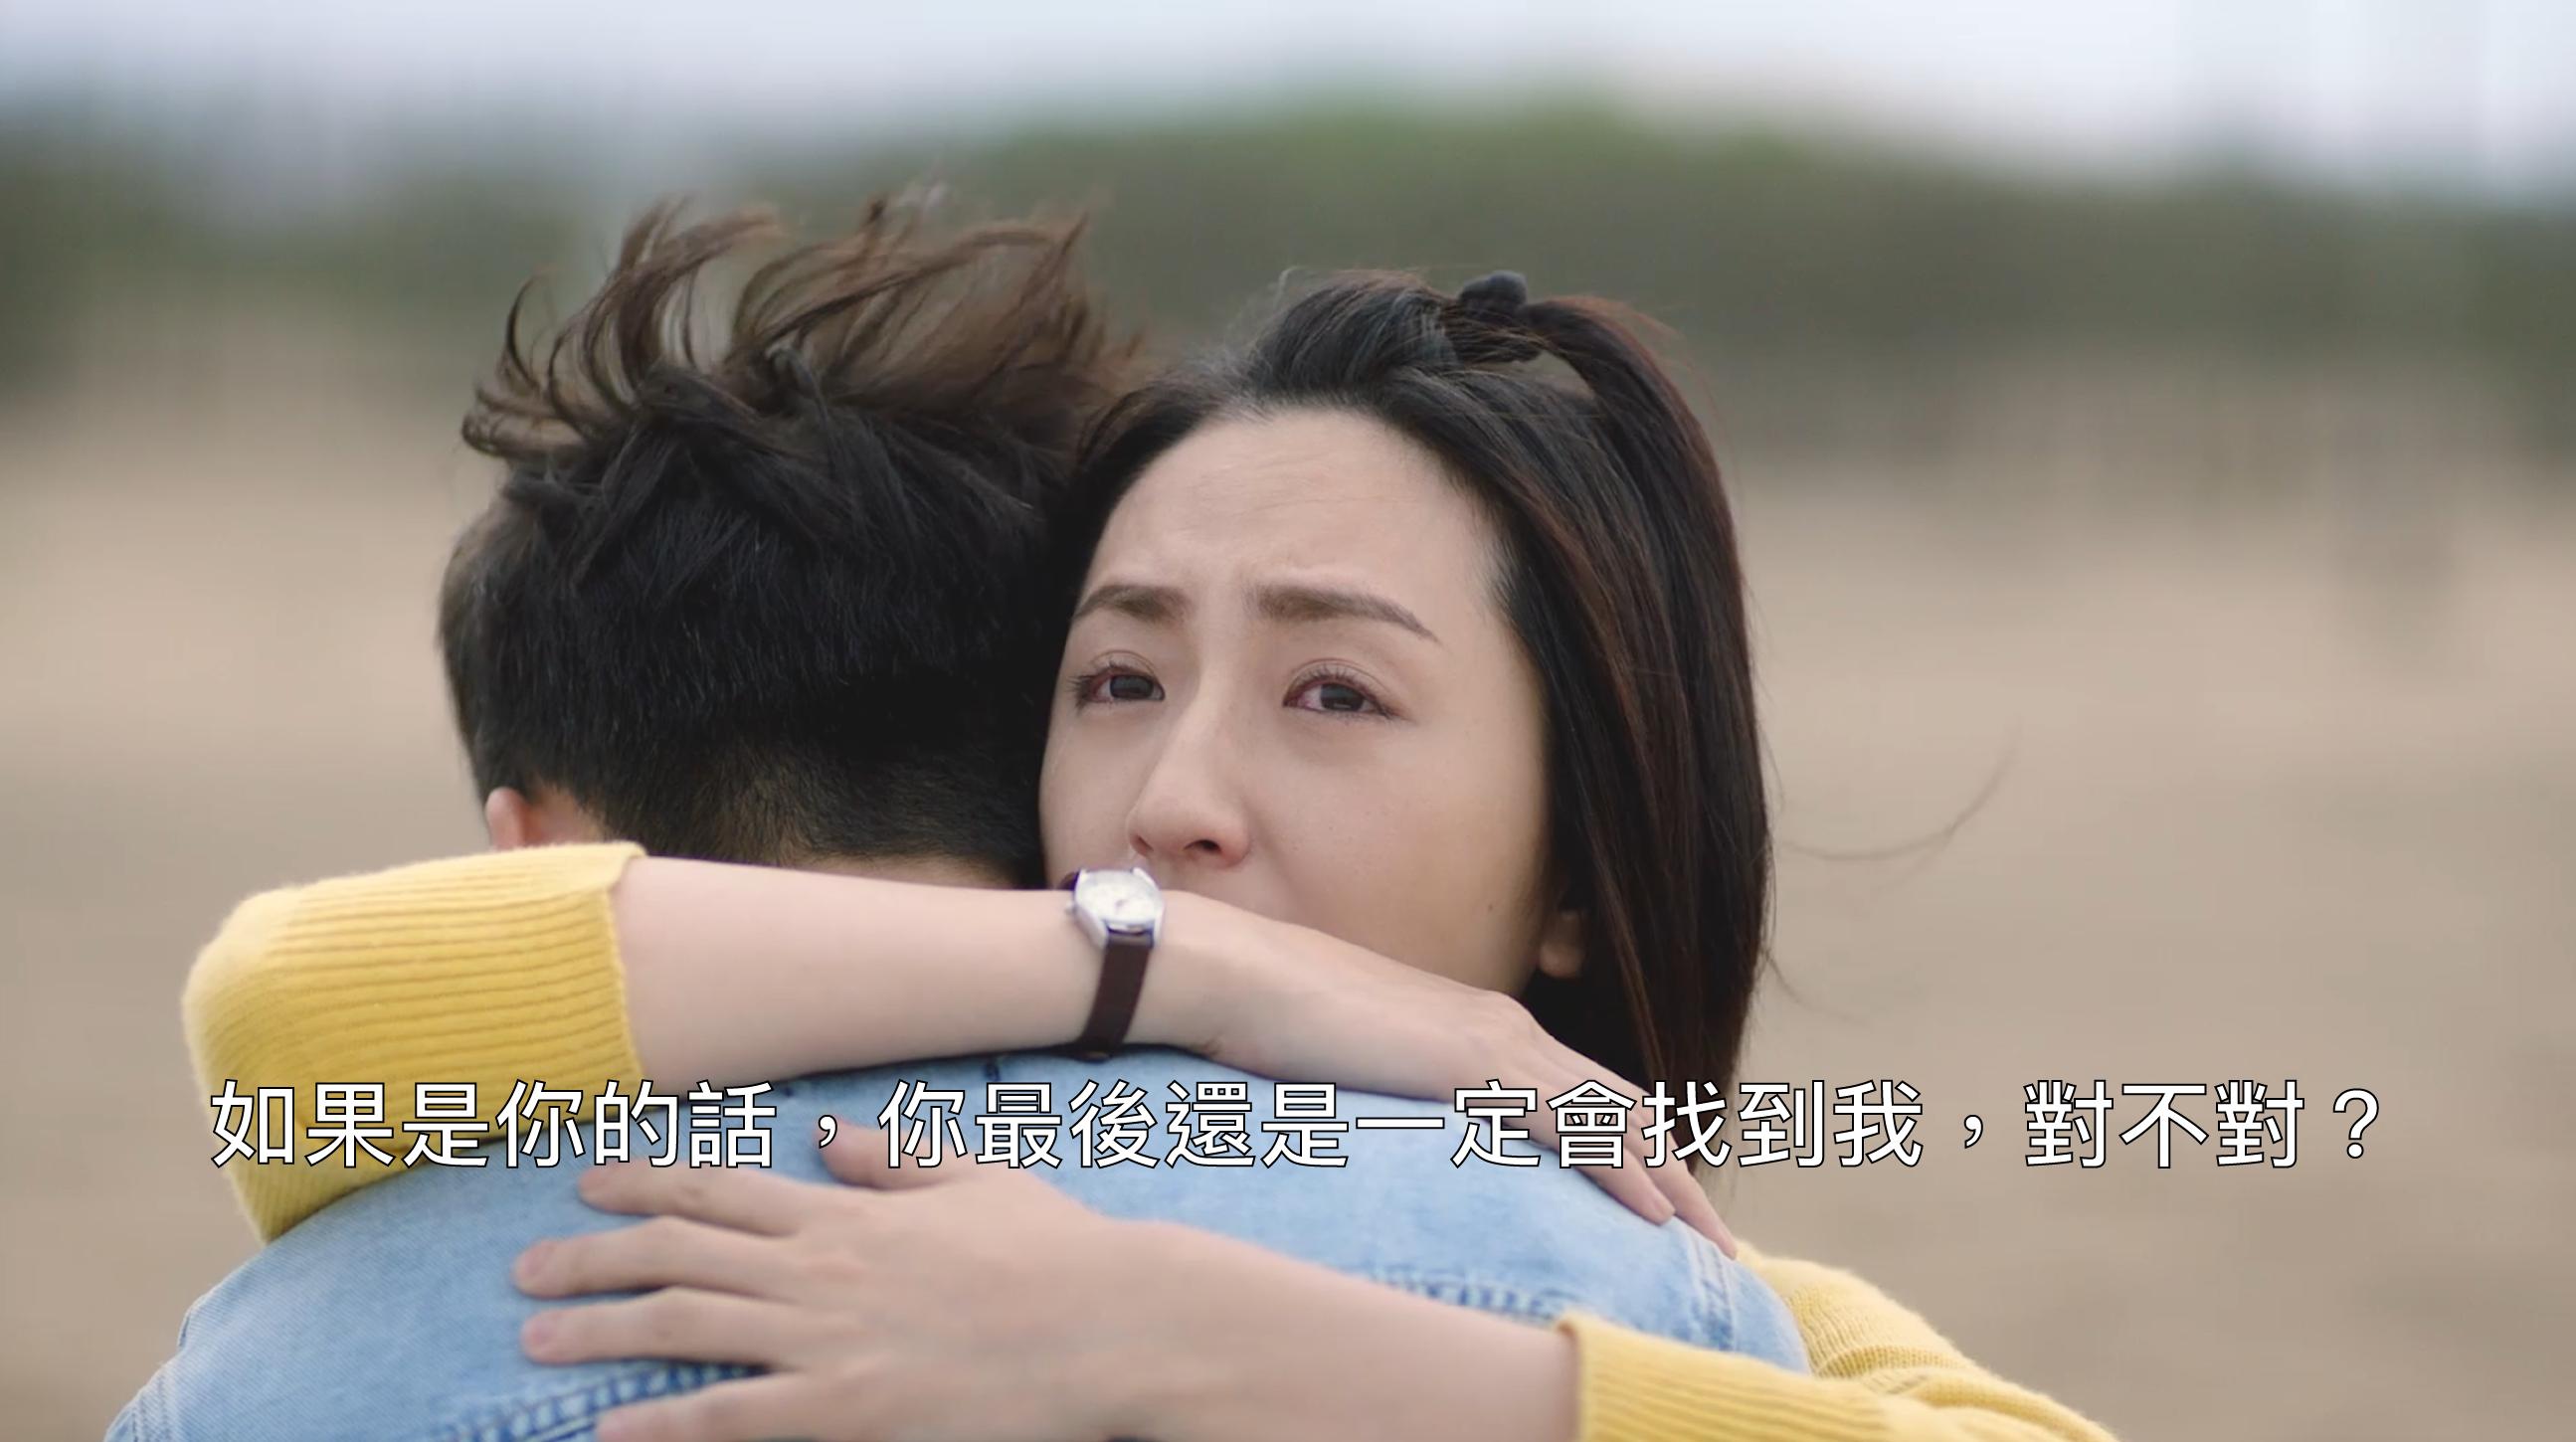 《想見你》女主角黃雨萱(柯佳嬿飾)對李子維(許光漢飾)說:「如果是你的話,你最後還是一定會找到我,對不對?」